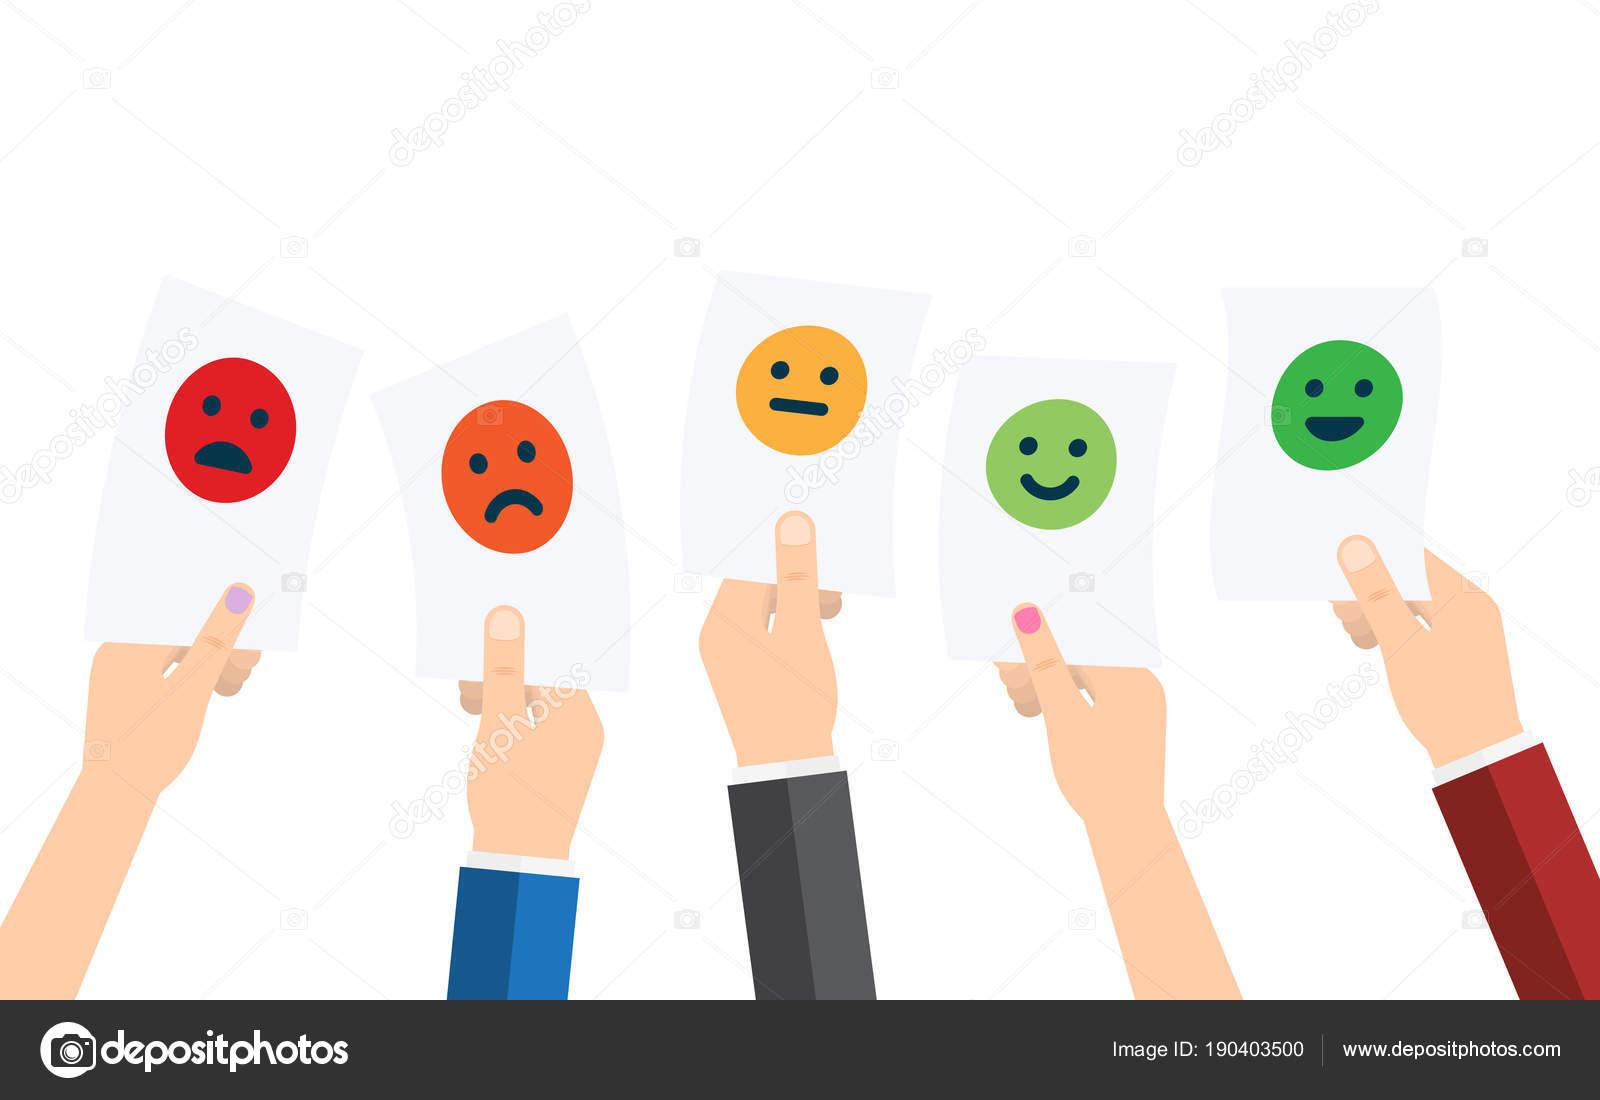 Formulario De Encuesta De Satisfacción De Servicio De